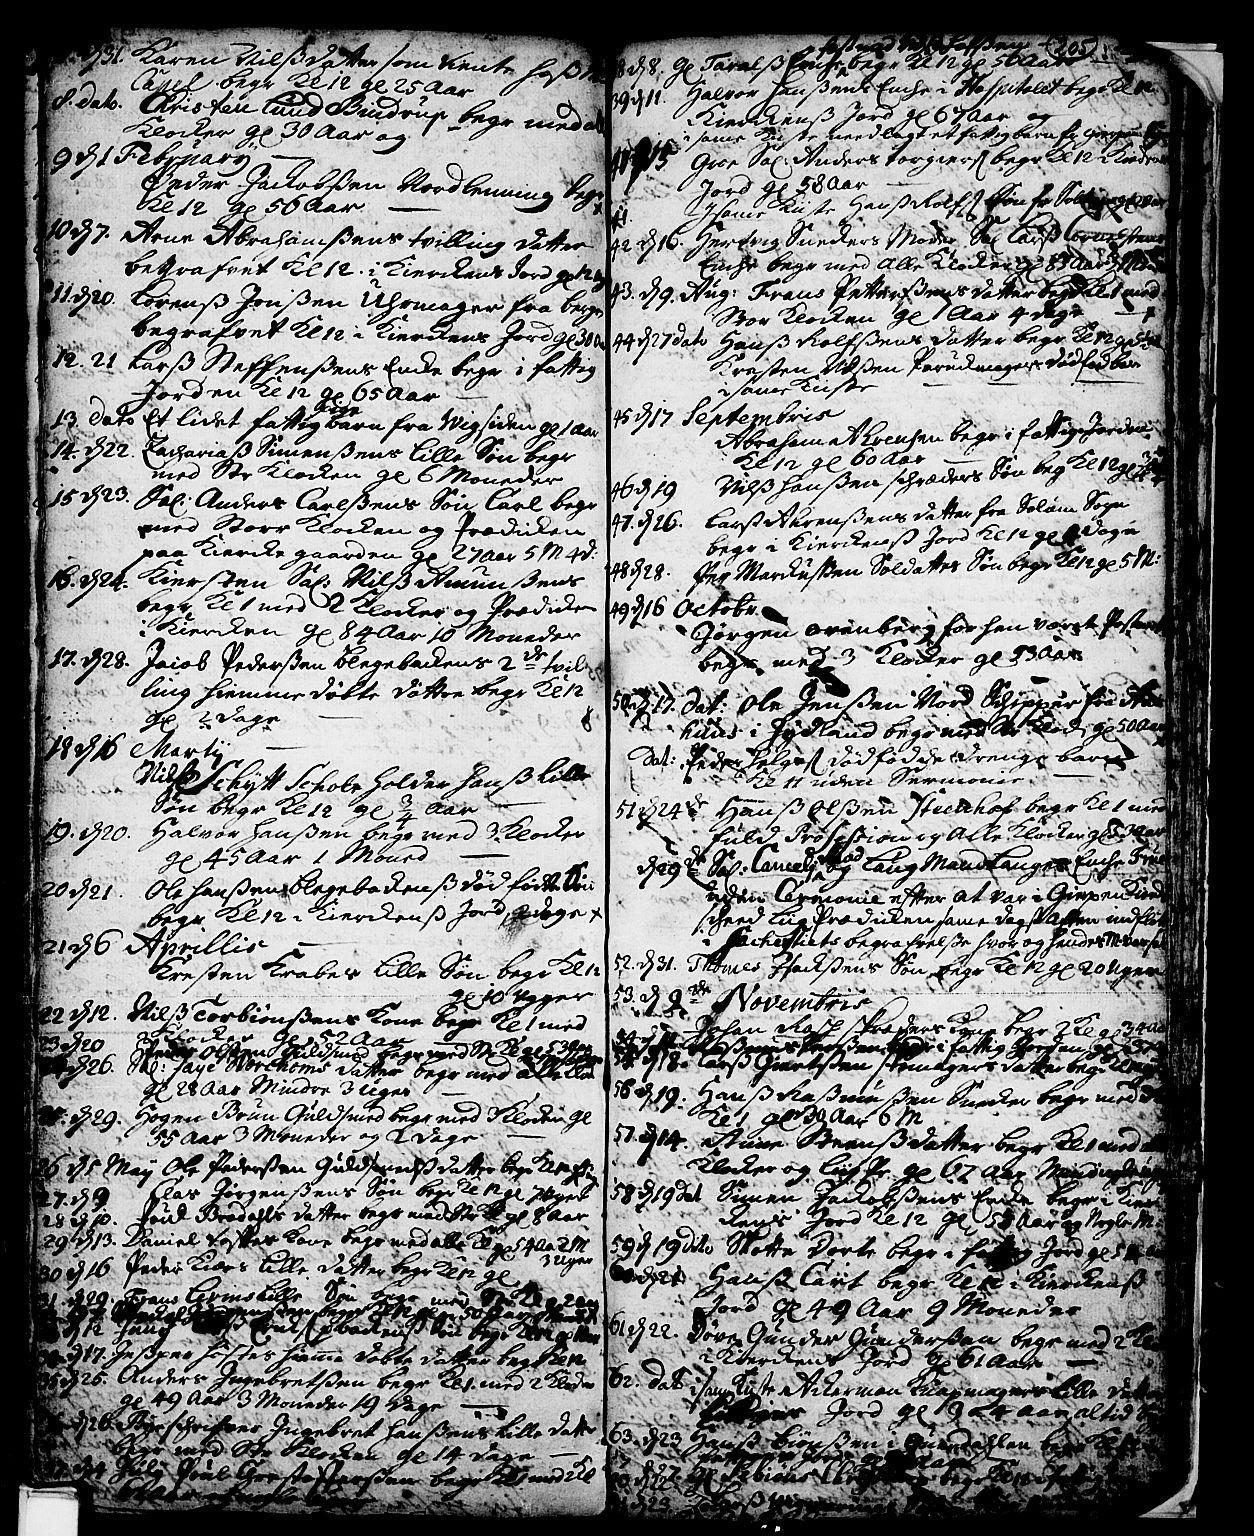 SAKO, Skien kirkebøker, F/Fa/L0002: Ministerialbok nr. 2, 1716-1757, s. 205